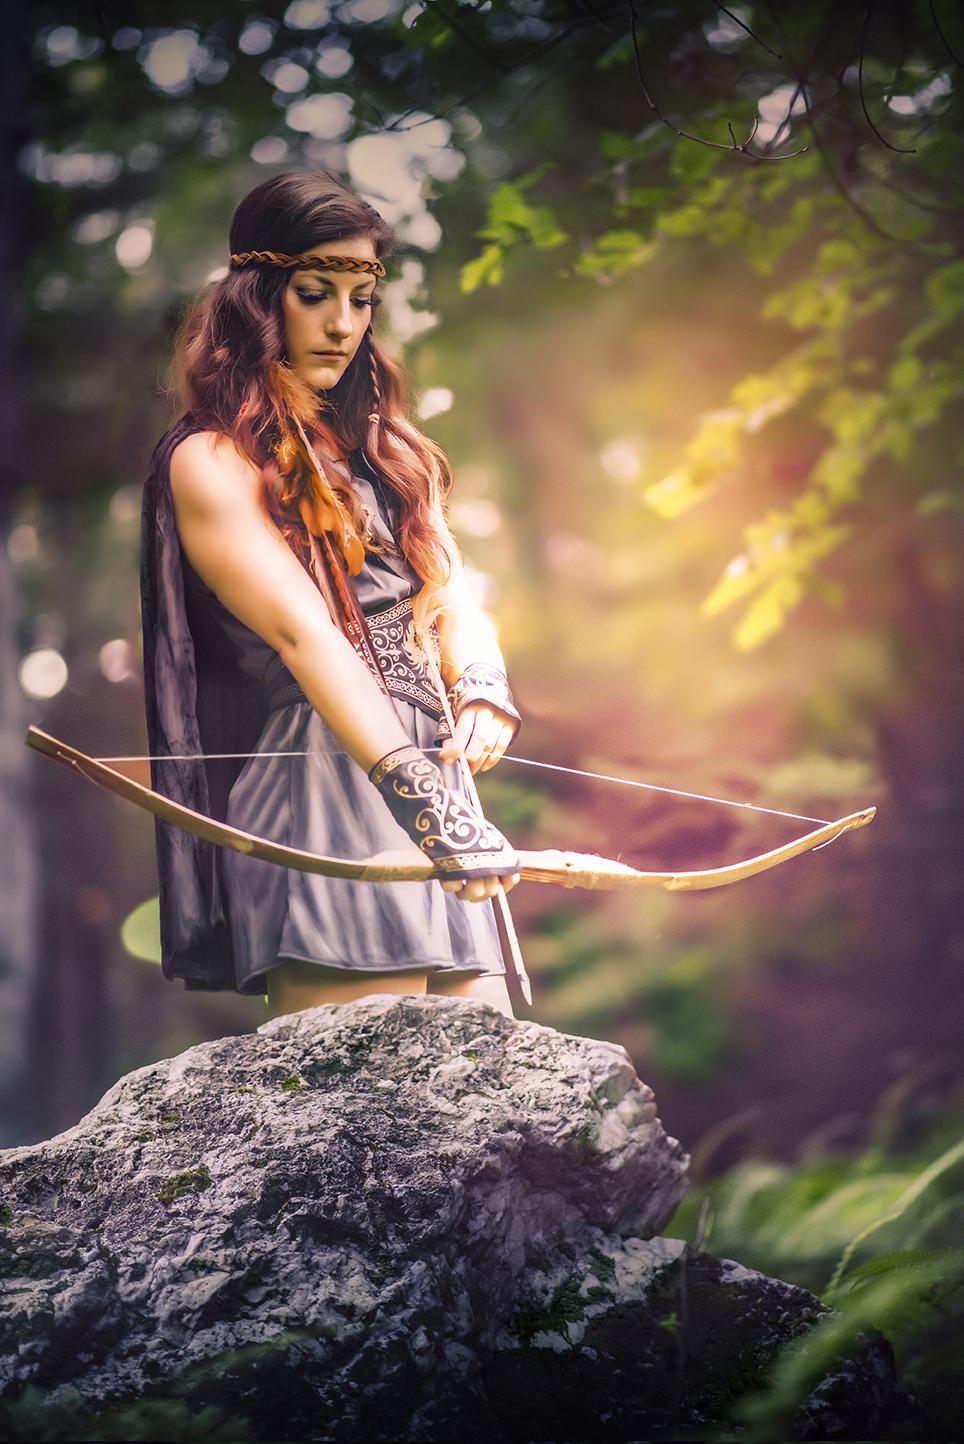 Steph with Arrow Light2lr.jpg